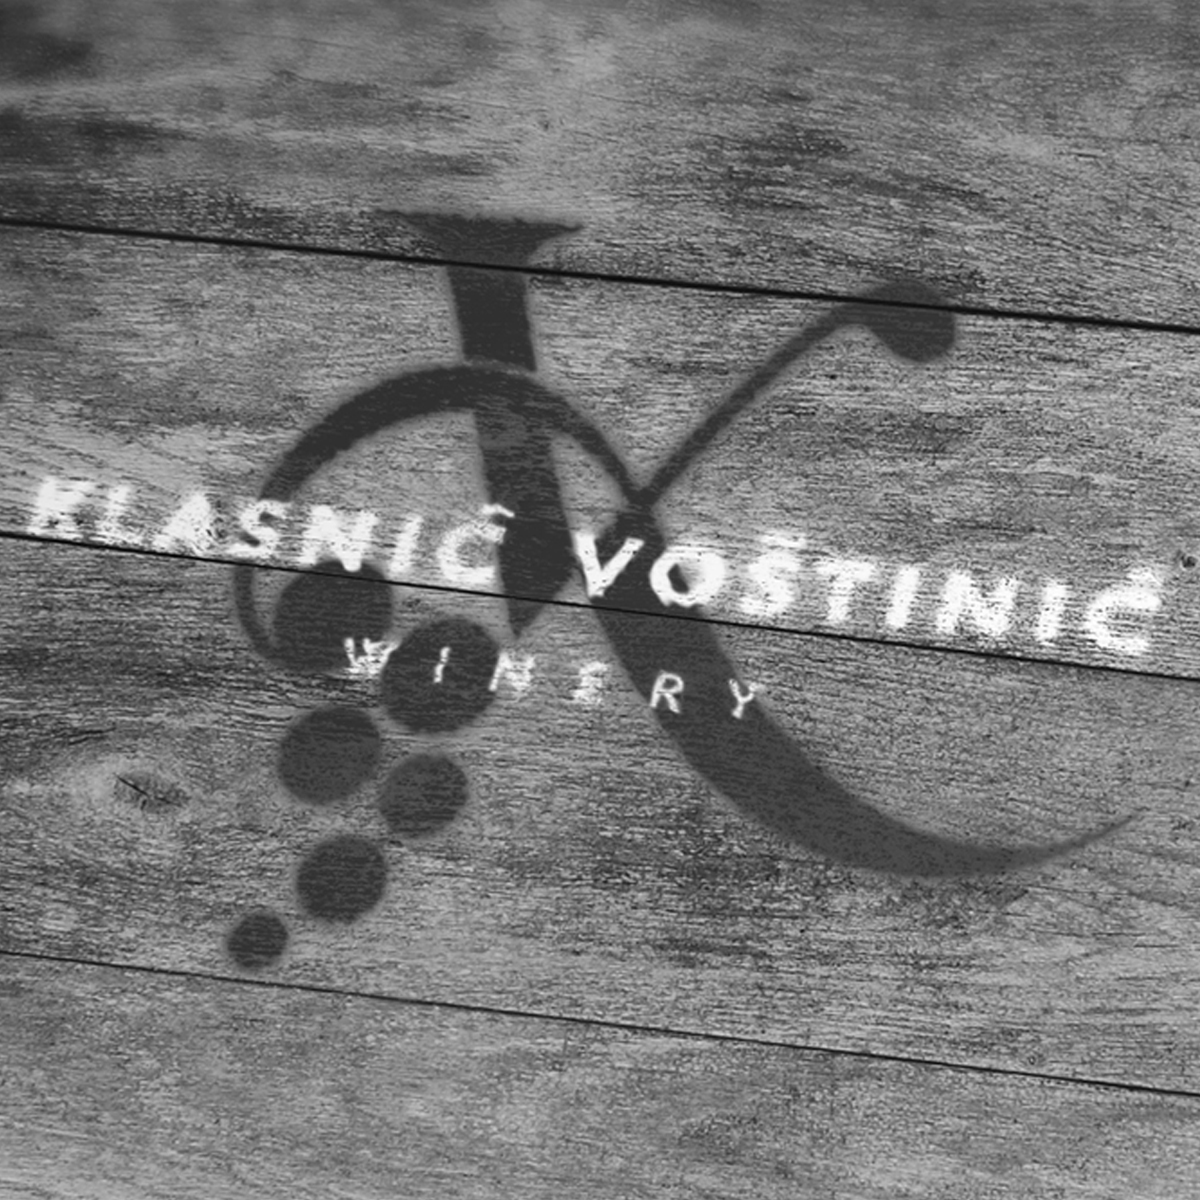 Klasnic-Vostinic Wine